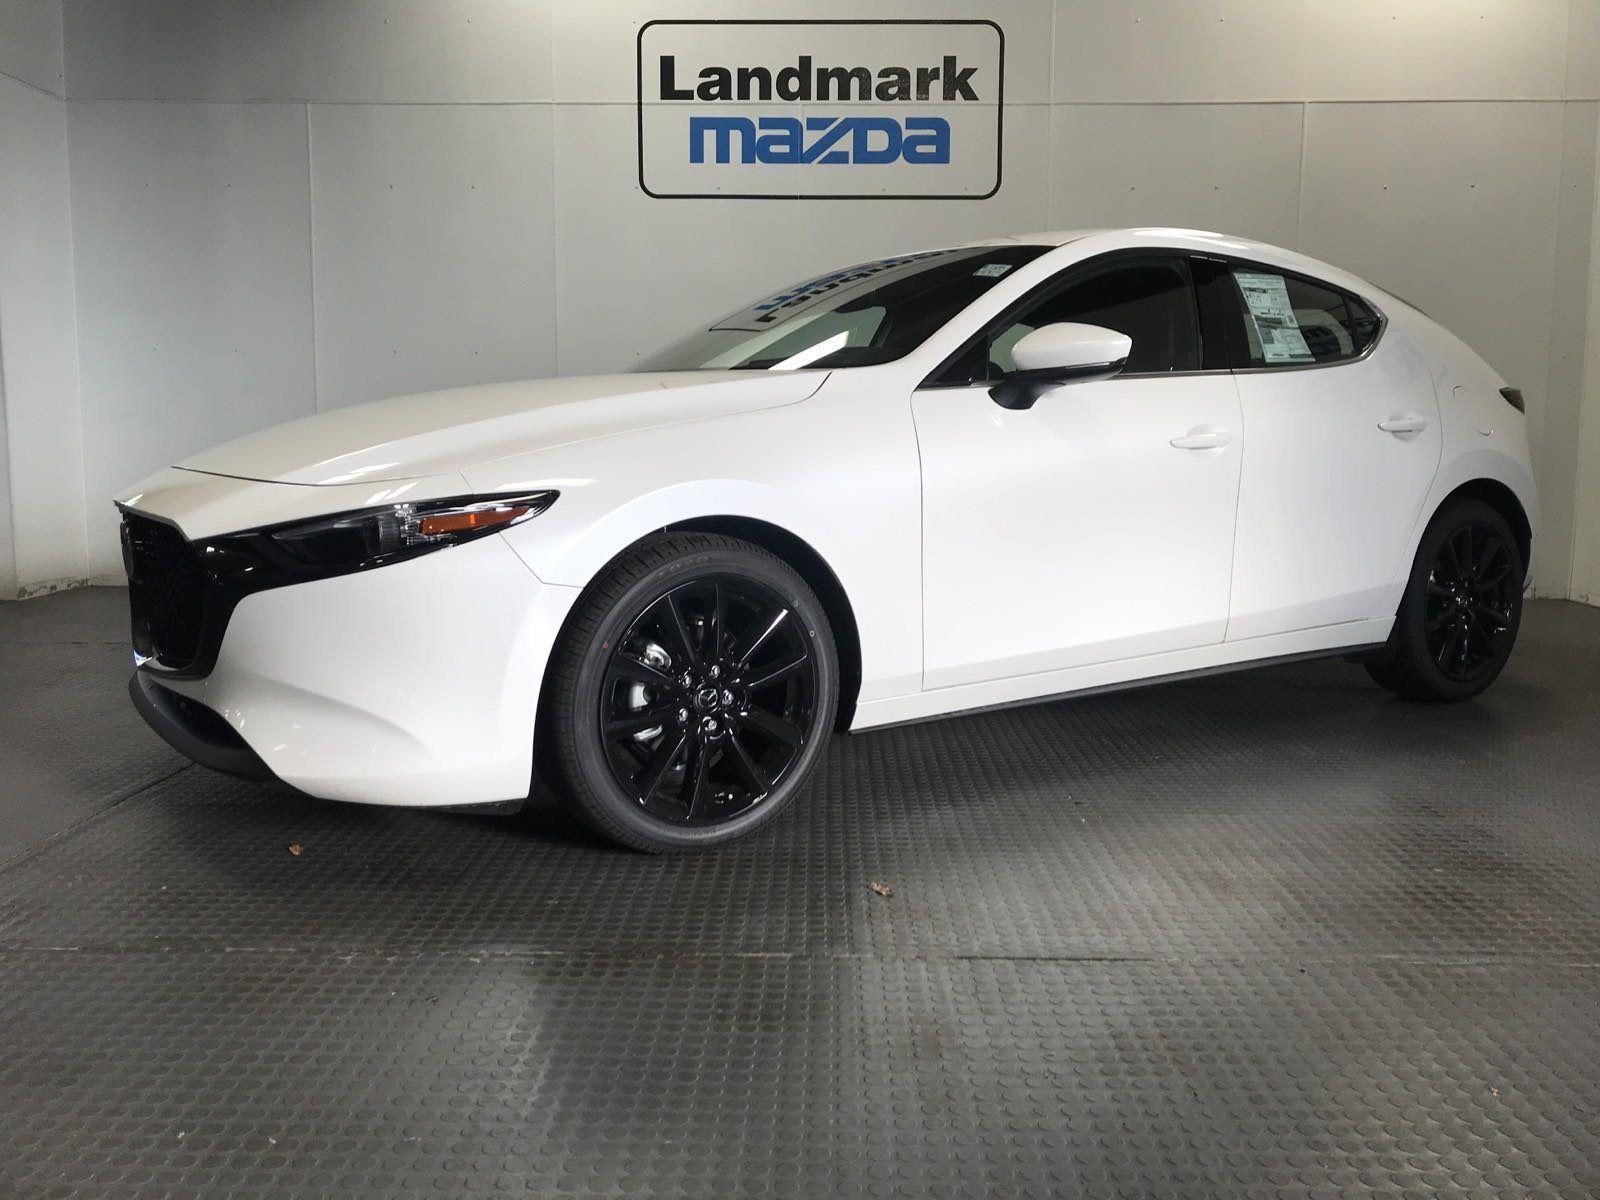 2020 Mazda Cx 9 Rumors Engine in 2020 | Mazda cx 9, Mazda ...